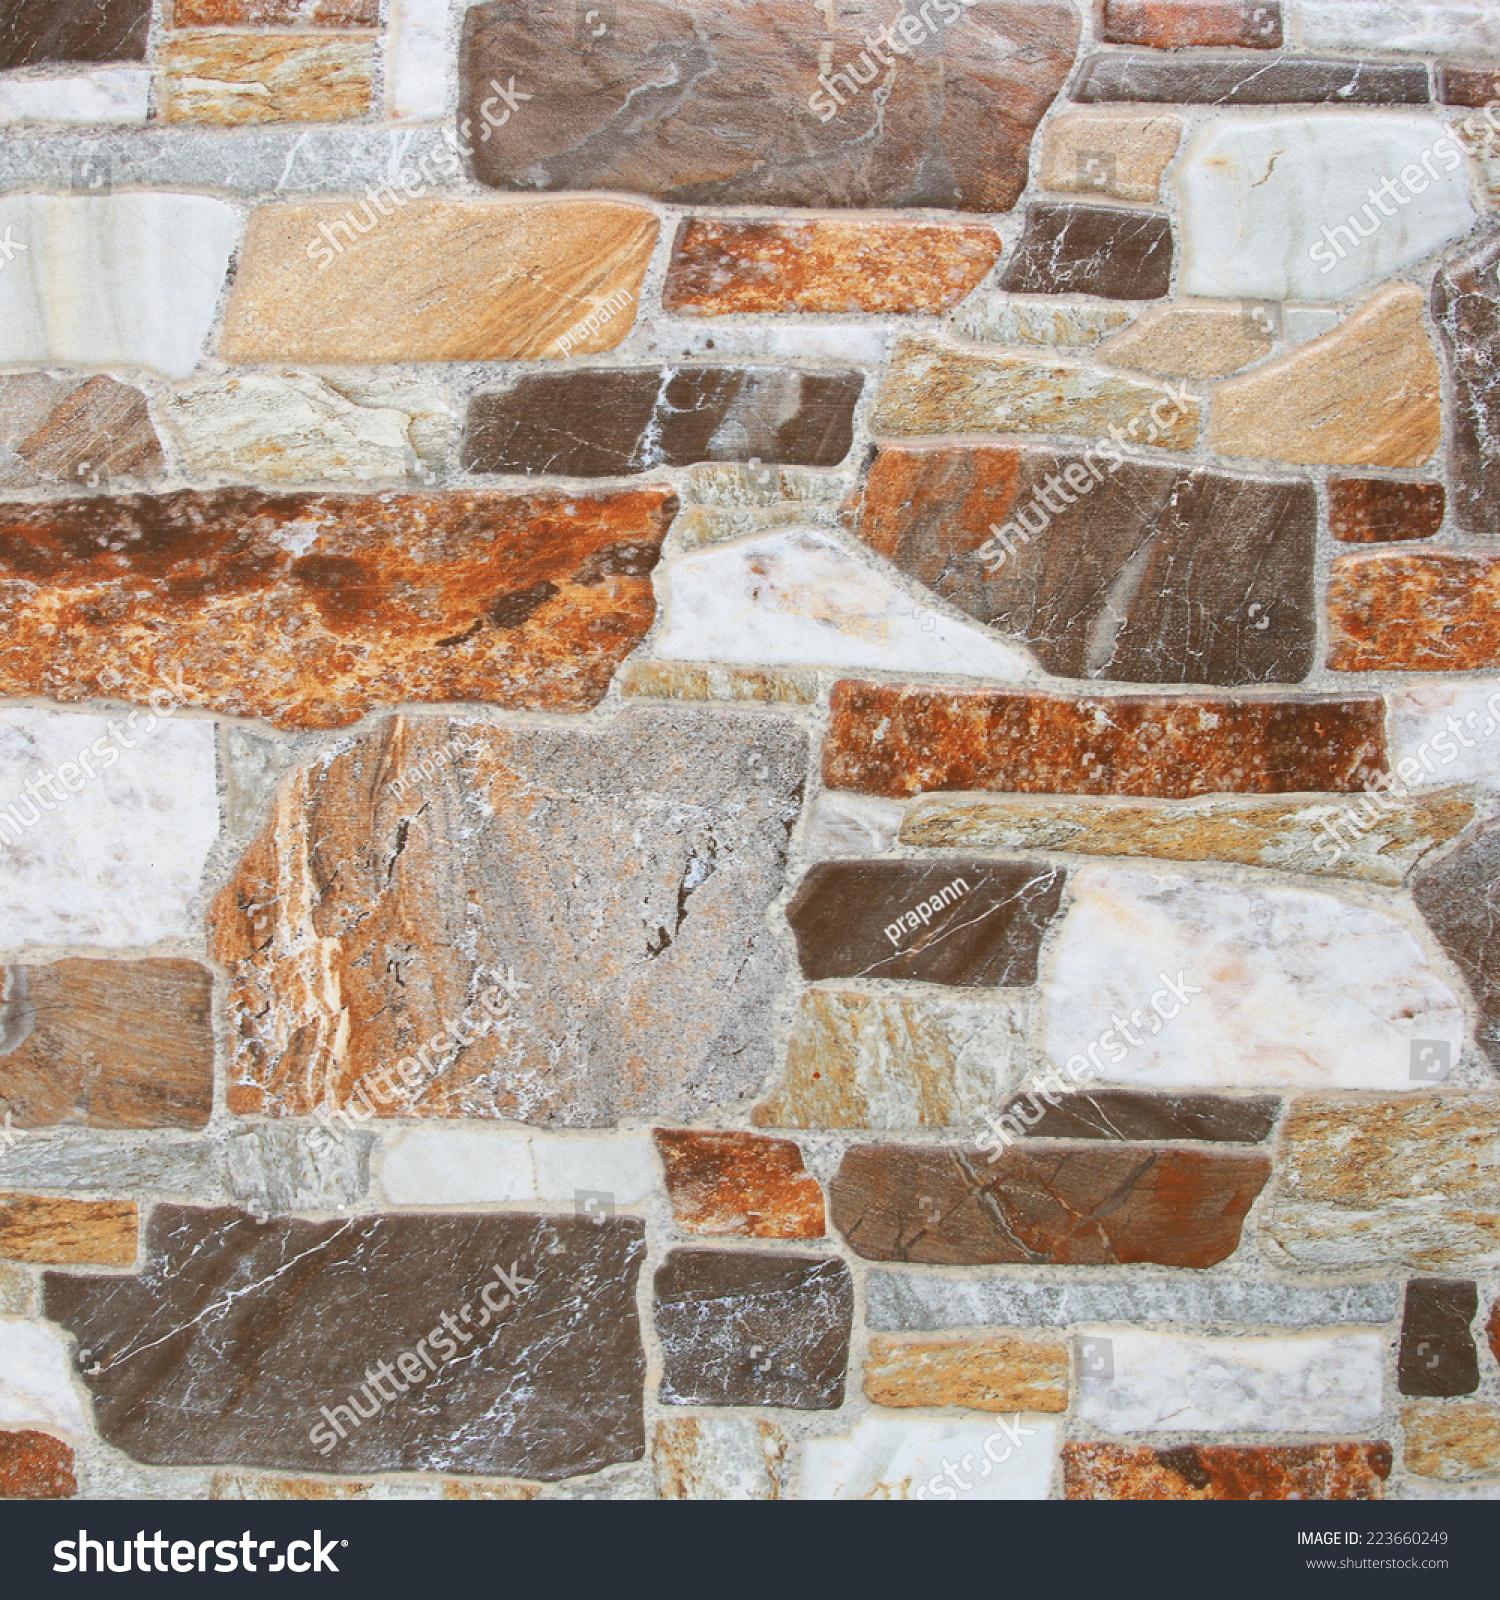 Marble Floor Construction : Marble tiles floor walkway construction background texture